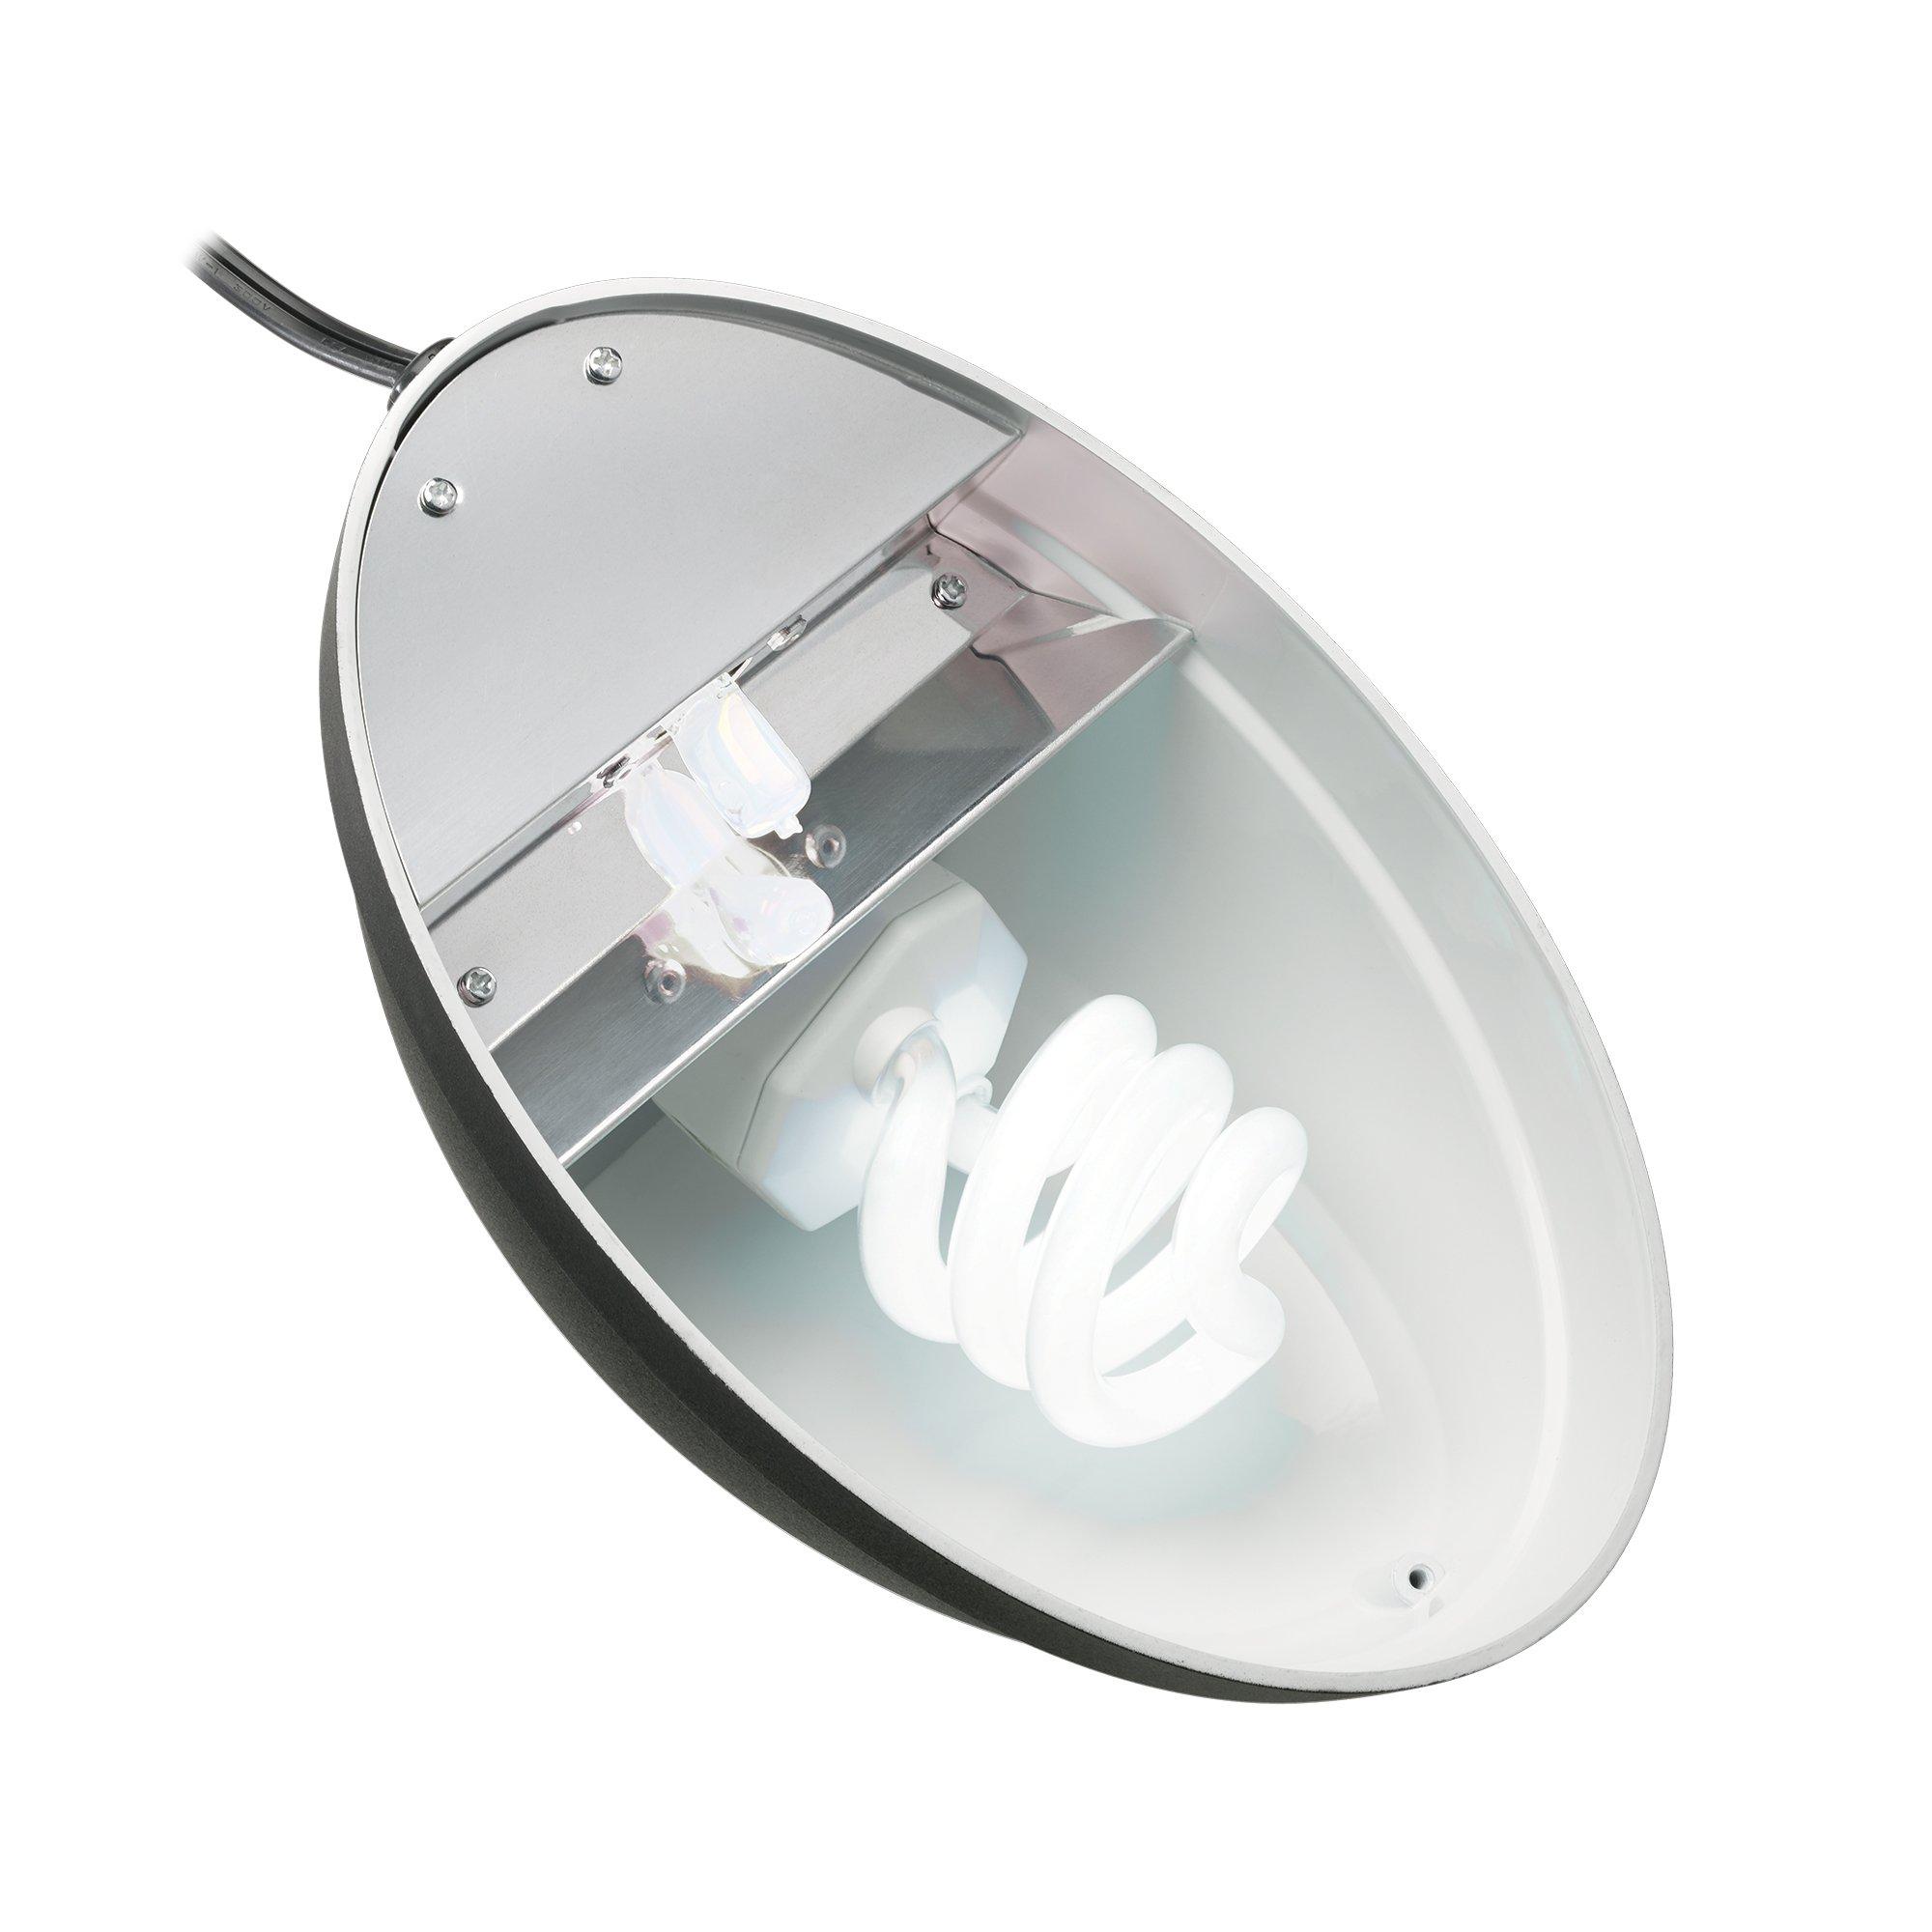 Zilla Reptile Terrarium Heat Lamps, Mini Halogen & UVB Combo Fixture by Zilla (Image #3)